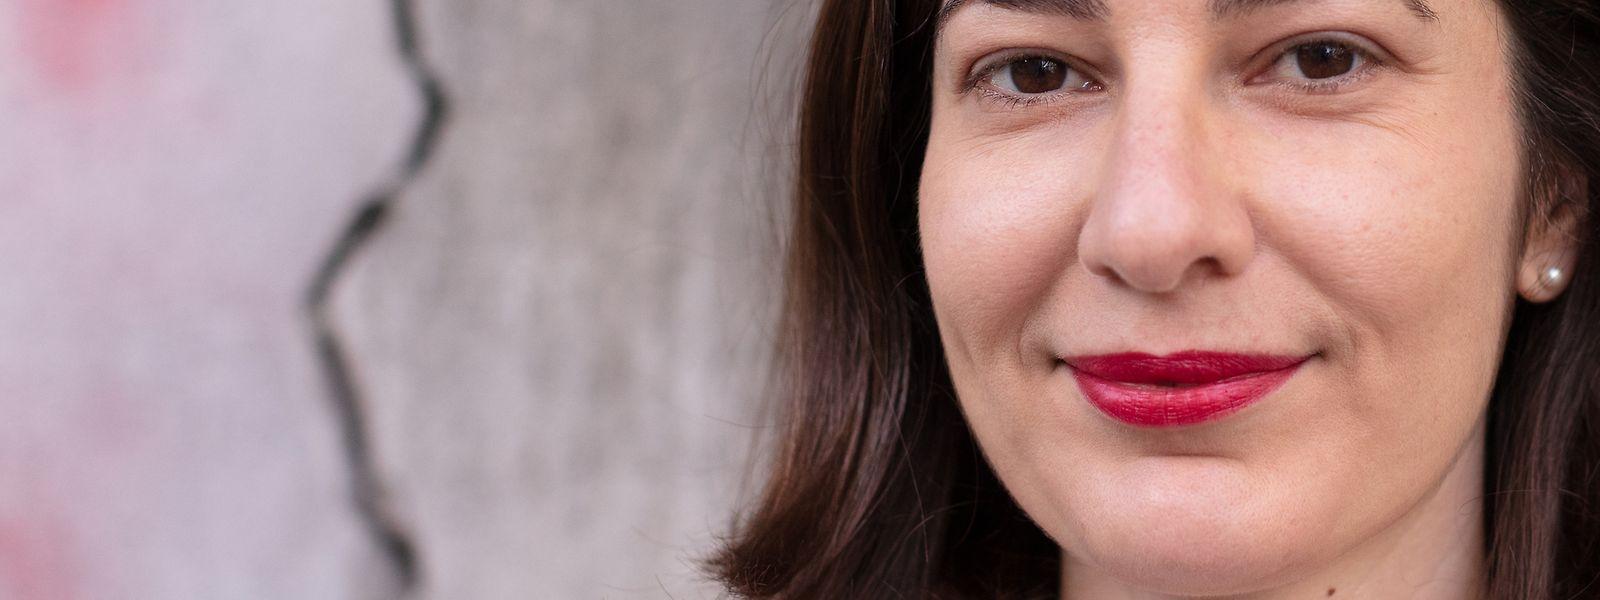 """Elise Schmit wird an diesem Dienstag im Merscher Centre national de littérature für ihr Werk """"Stürze auf unterschiedlichen Fallhöhen"""" mit dem Prix Servais ausgezeichnet."""